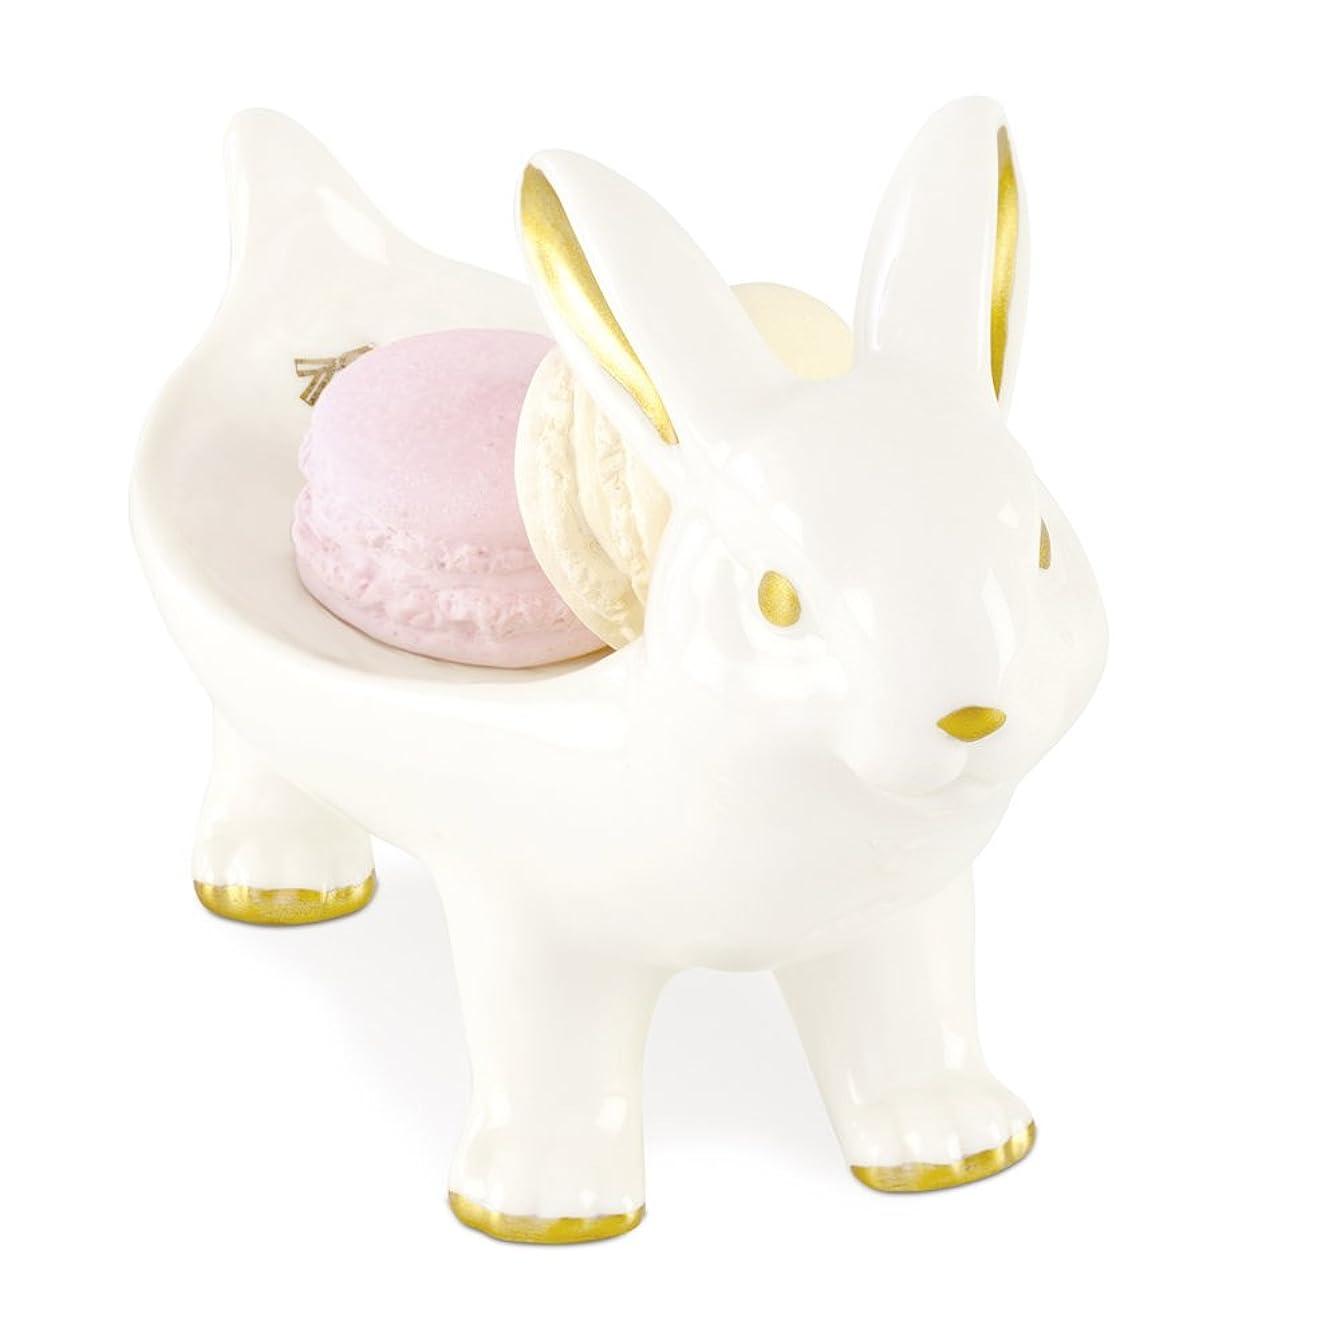 キャリングアニマル アロマストーン&アニマルトレイ Rabbit KH-60960